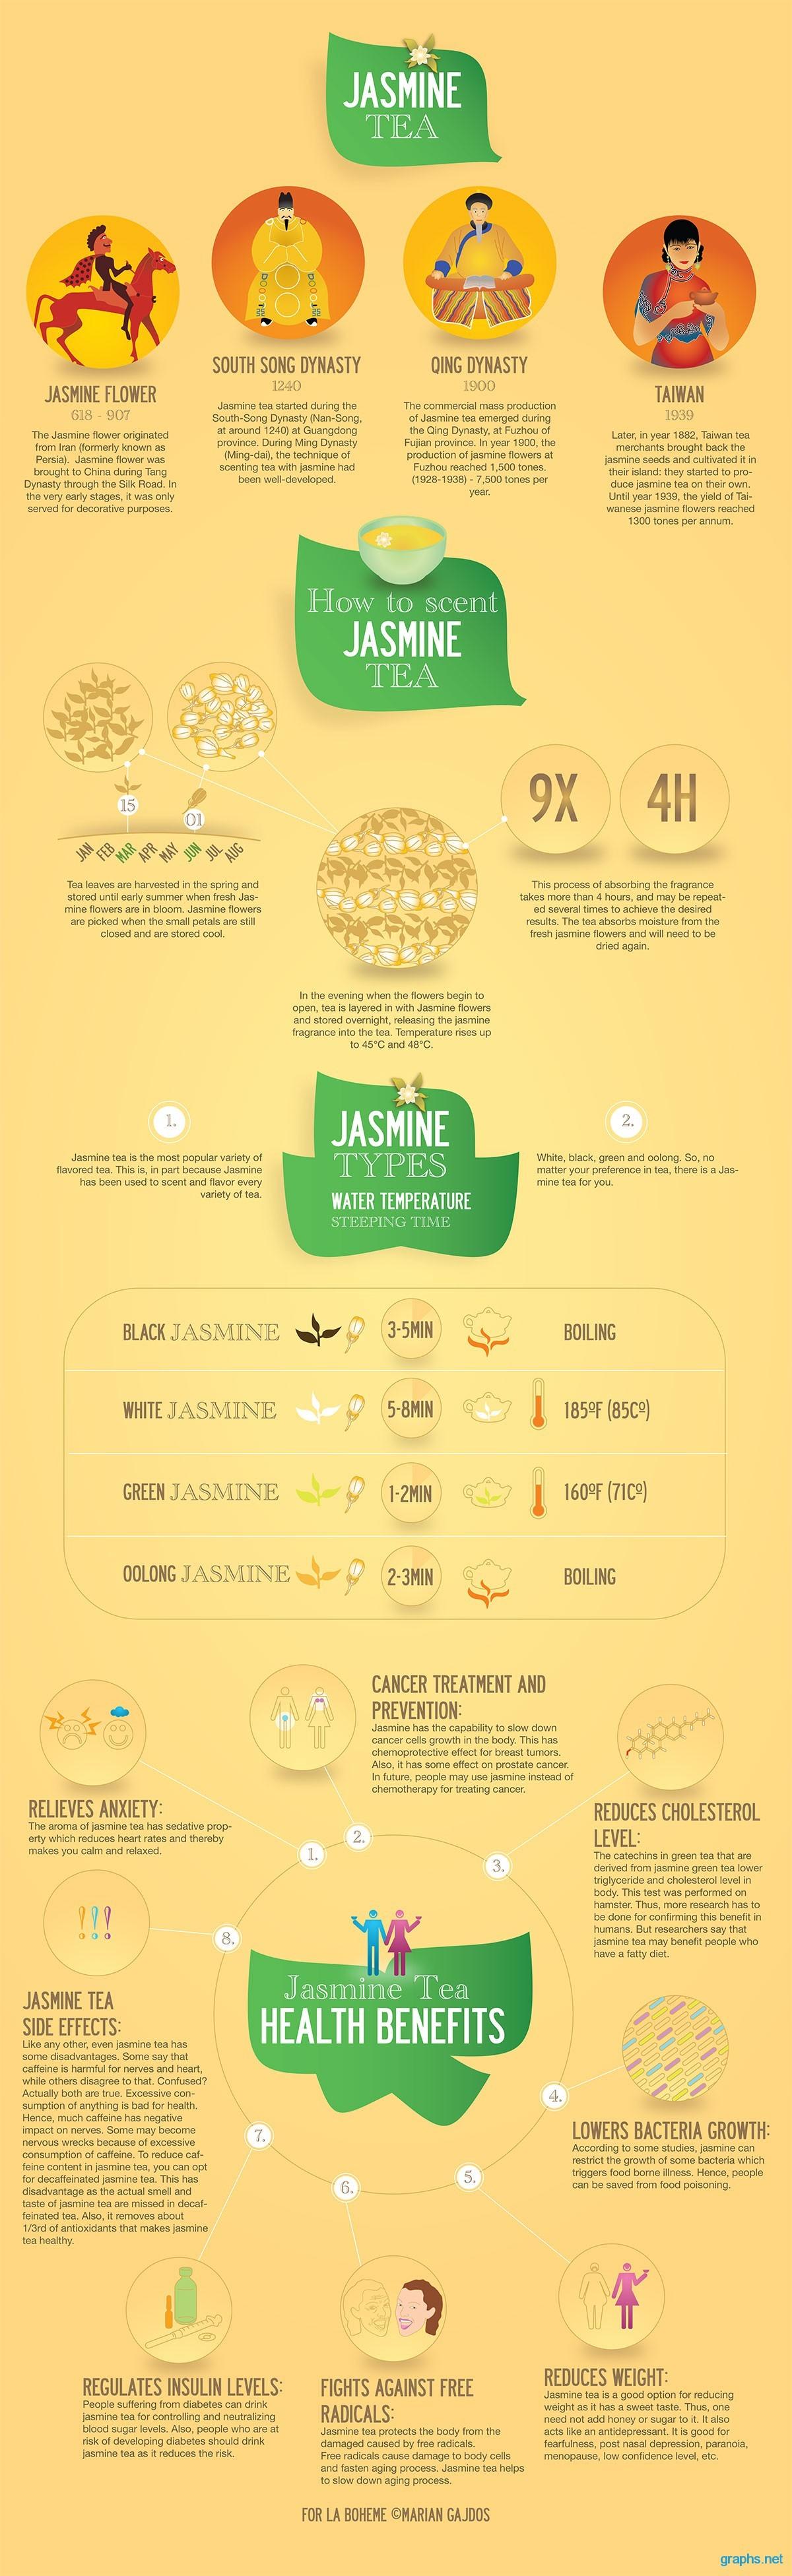 Facts About Jasmine Tea